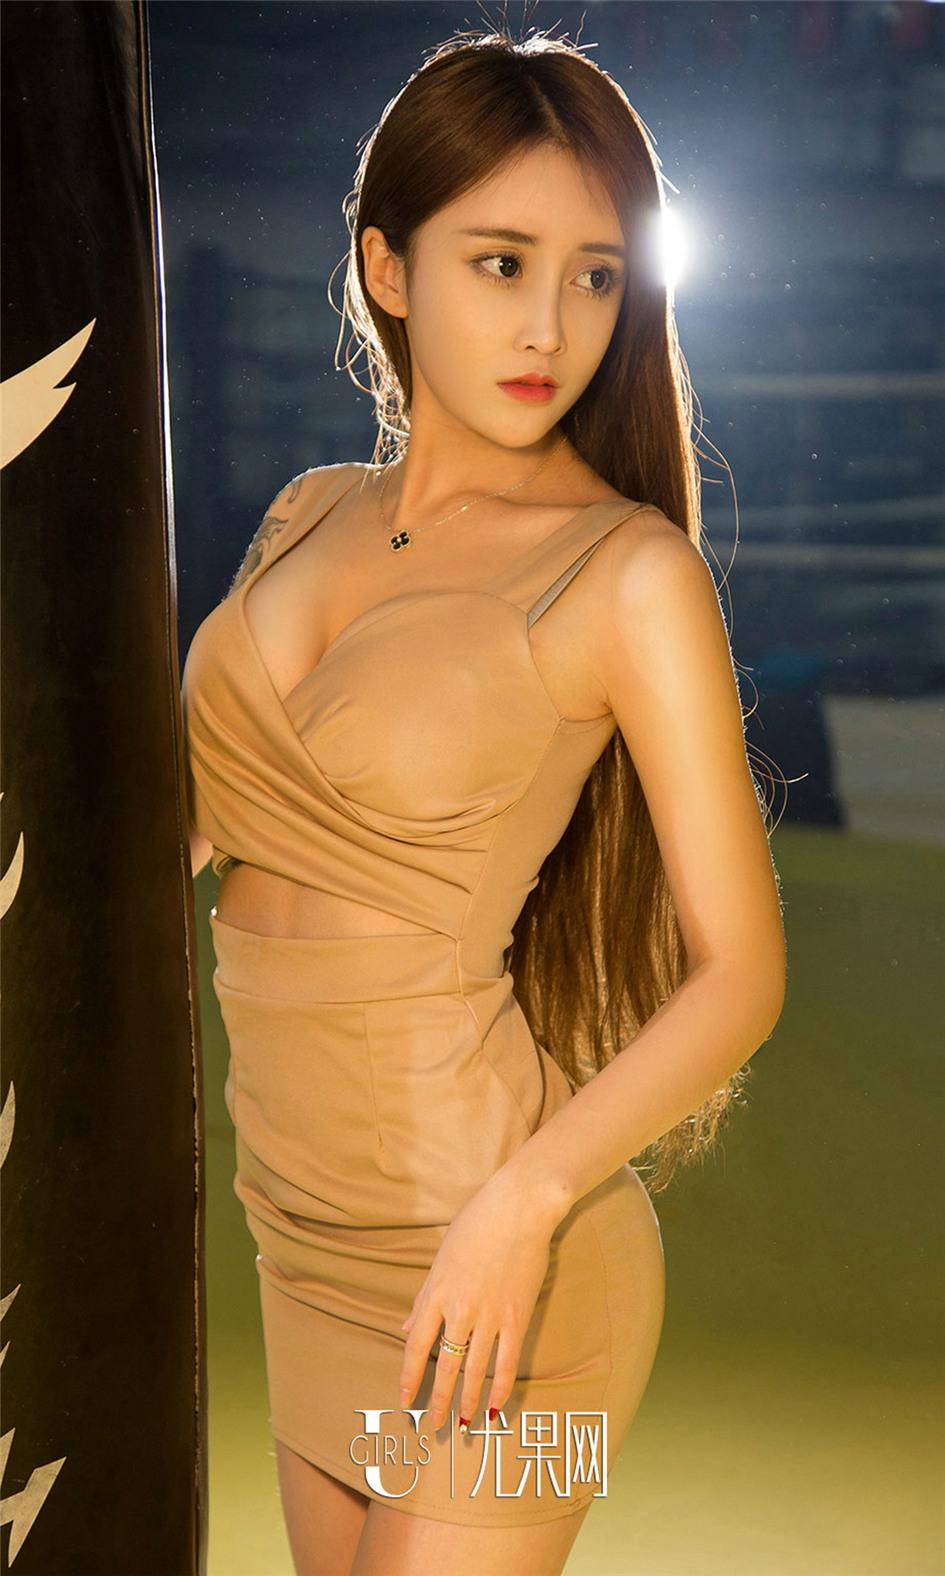 [尤果网] 亚洲纹身美女琪歌拳击场性感写真 第674期